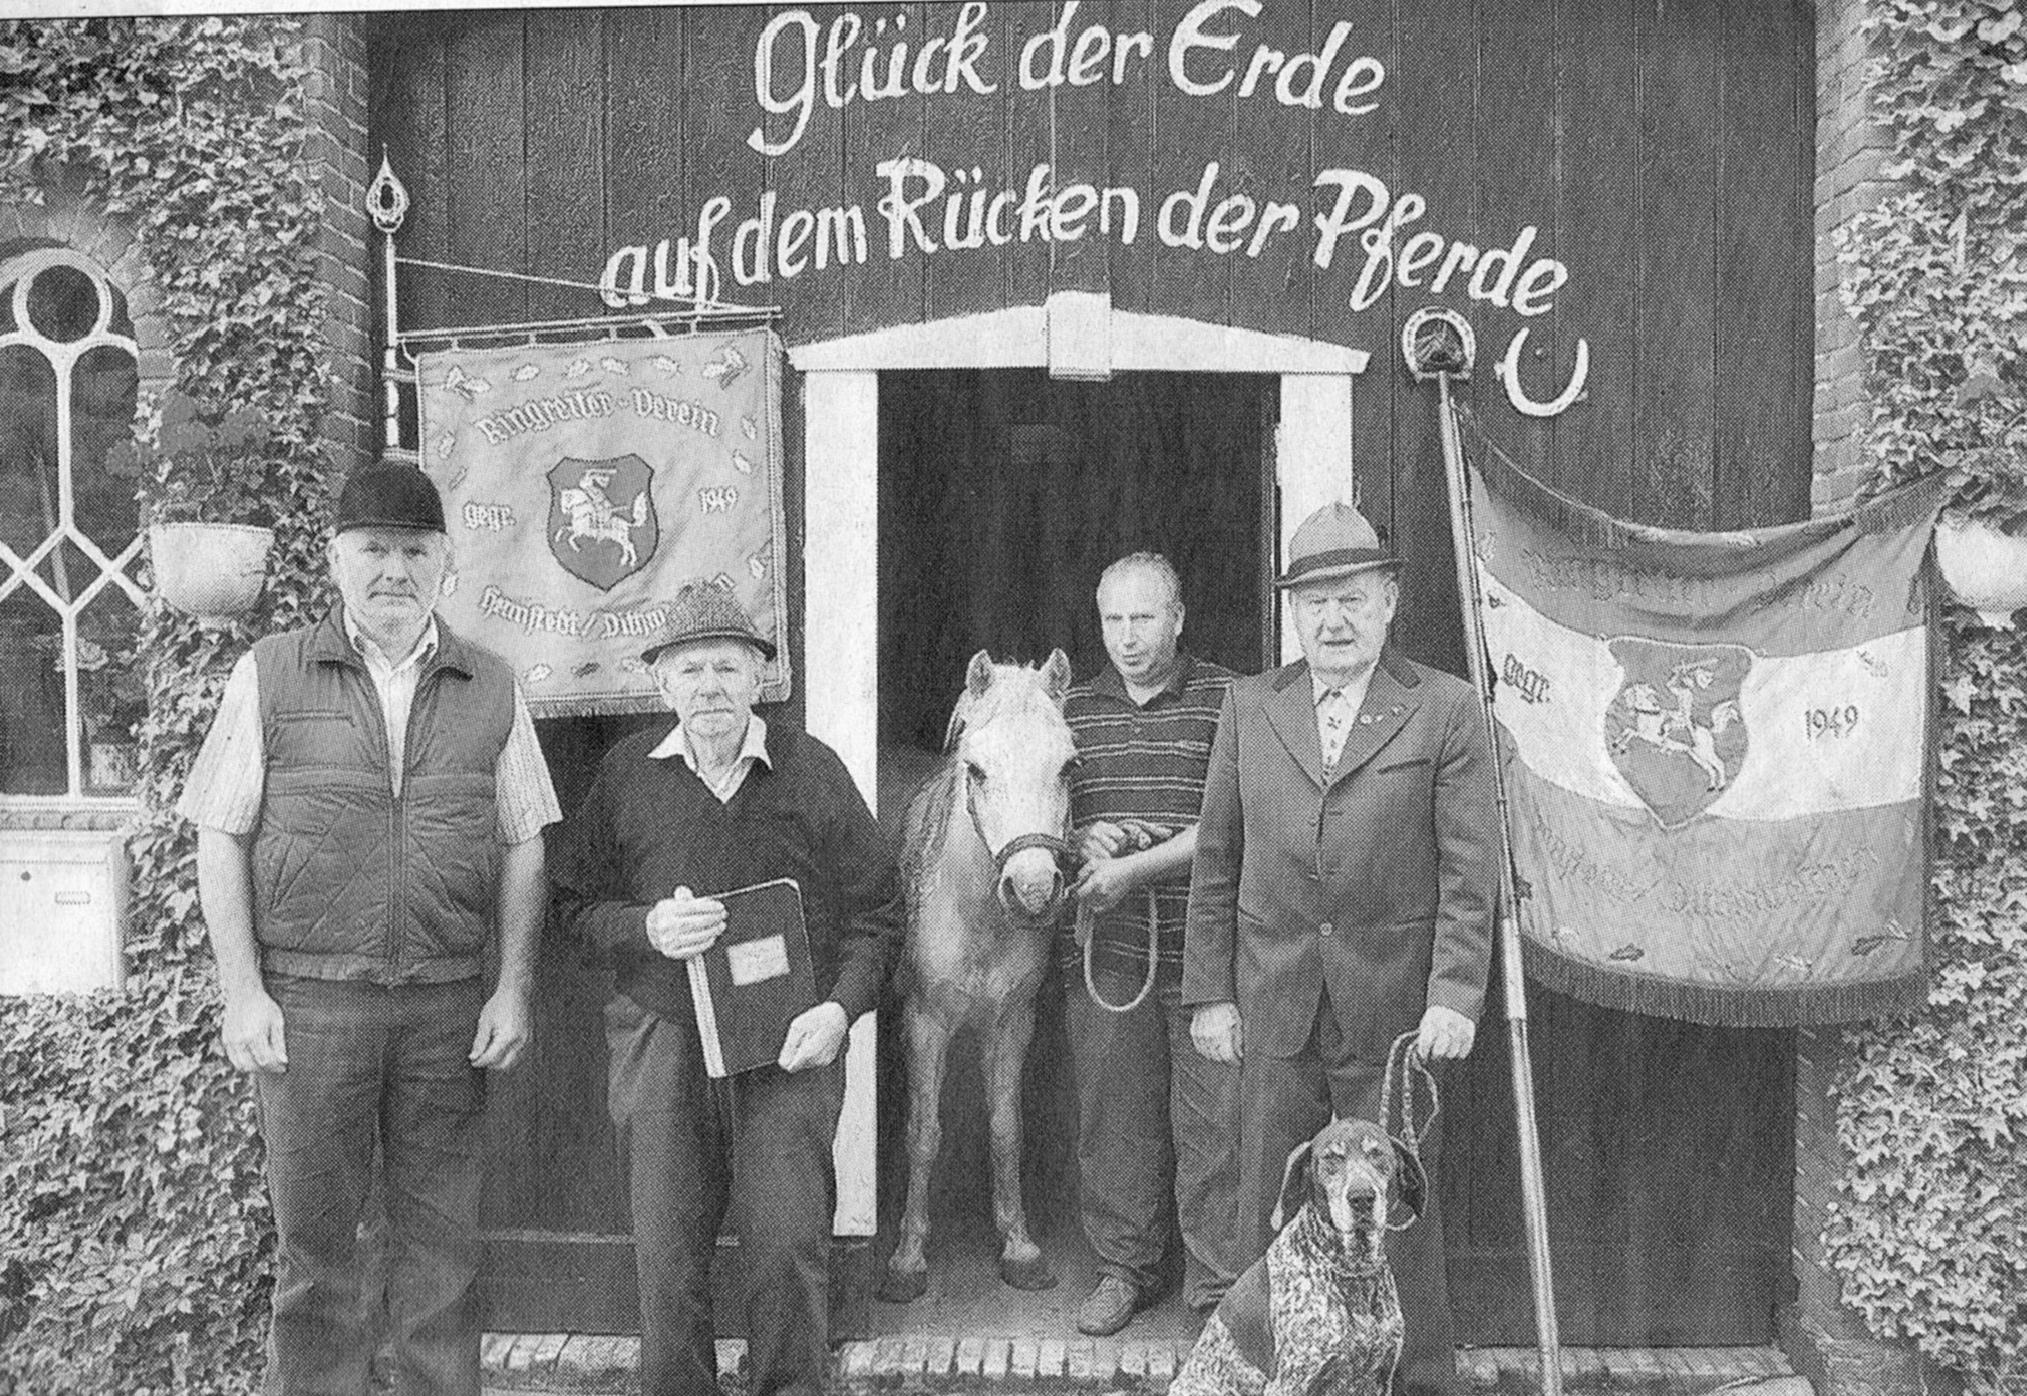 dorf_bilder/Chronik-Hennstedt-145.jpg